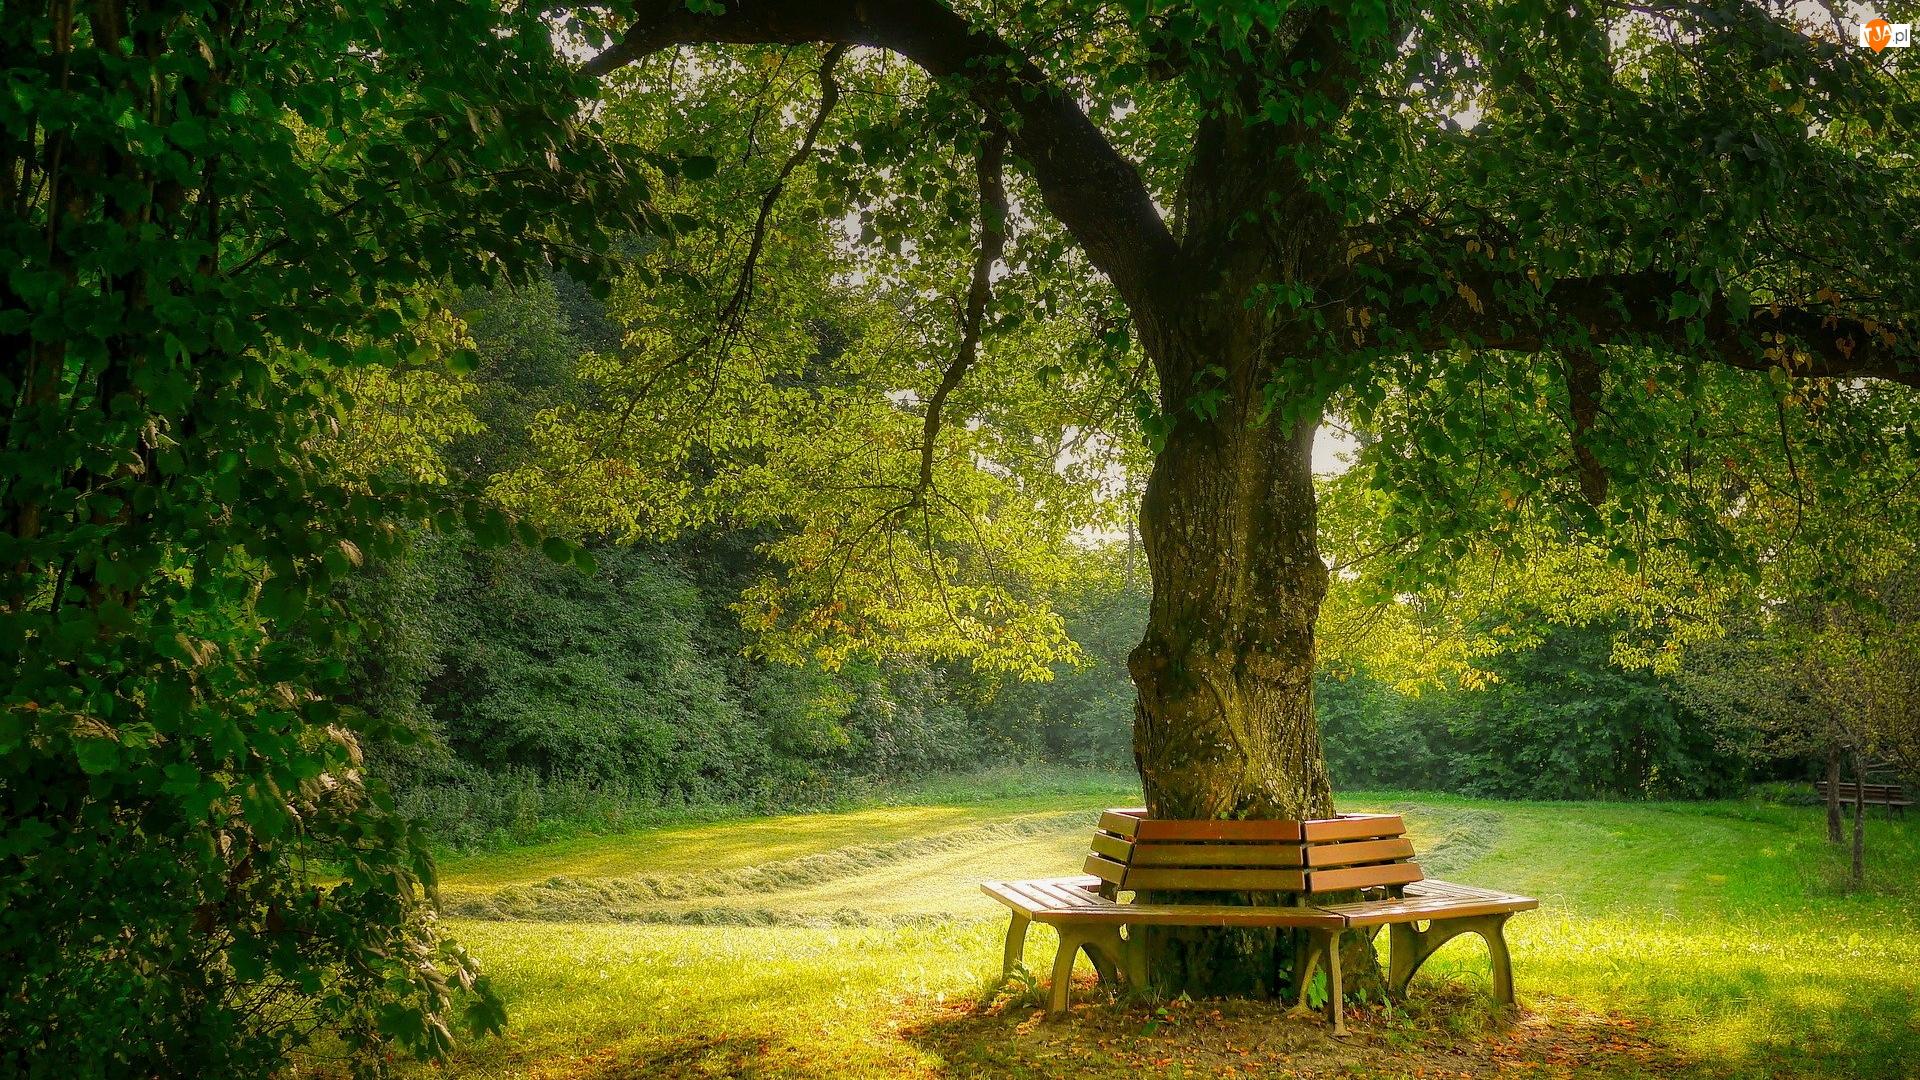 Drewniane, Park, Lato, Drzewo, Ławki